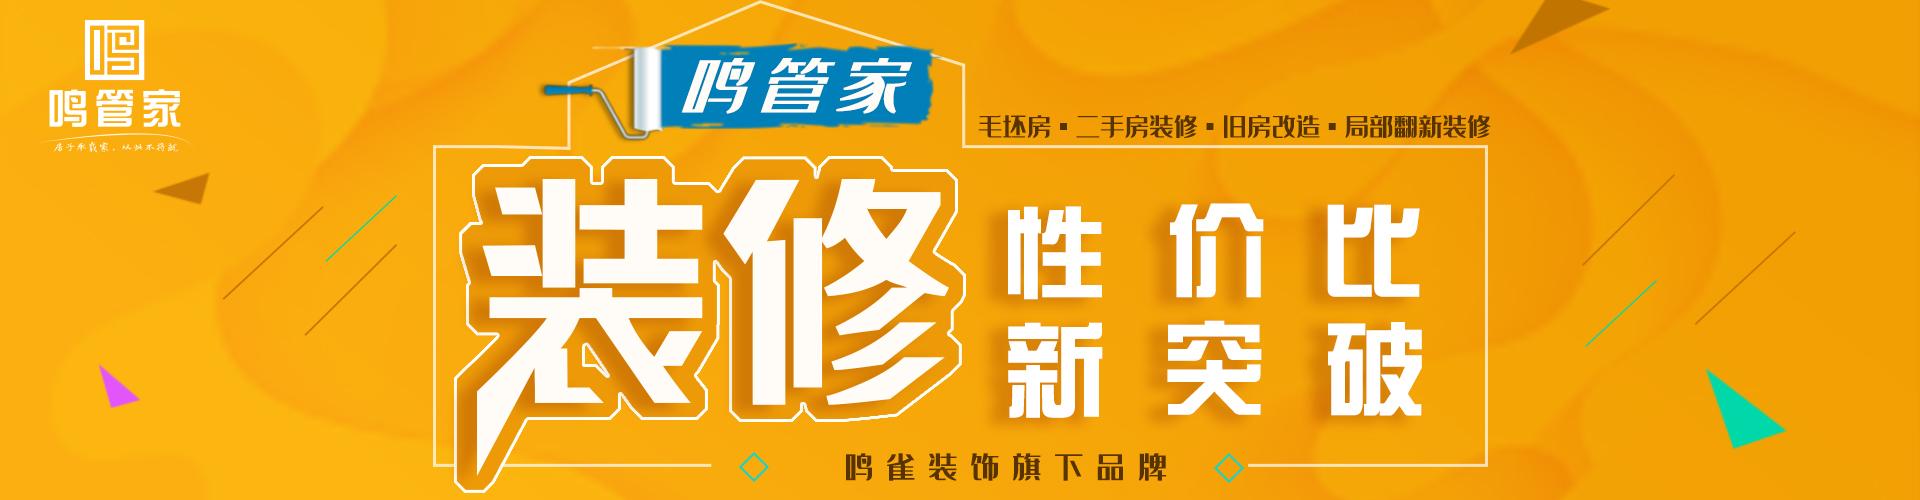 亚洲必赢app官方下载公司400人施工团队展示